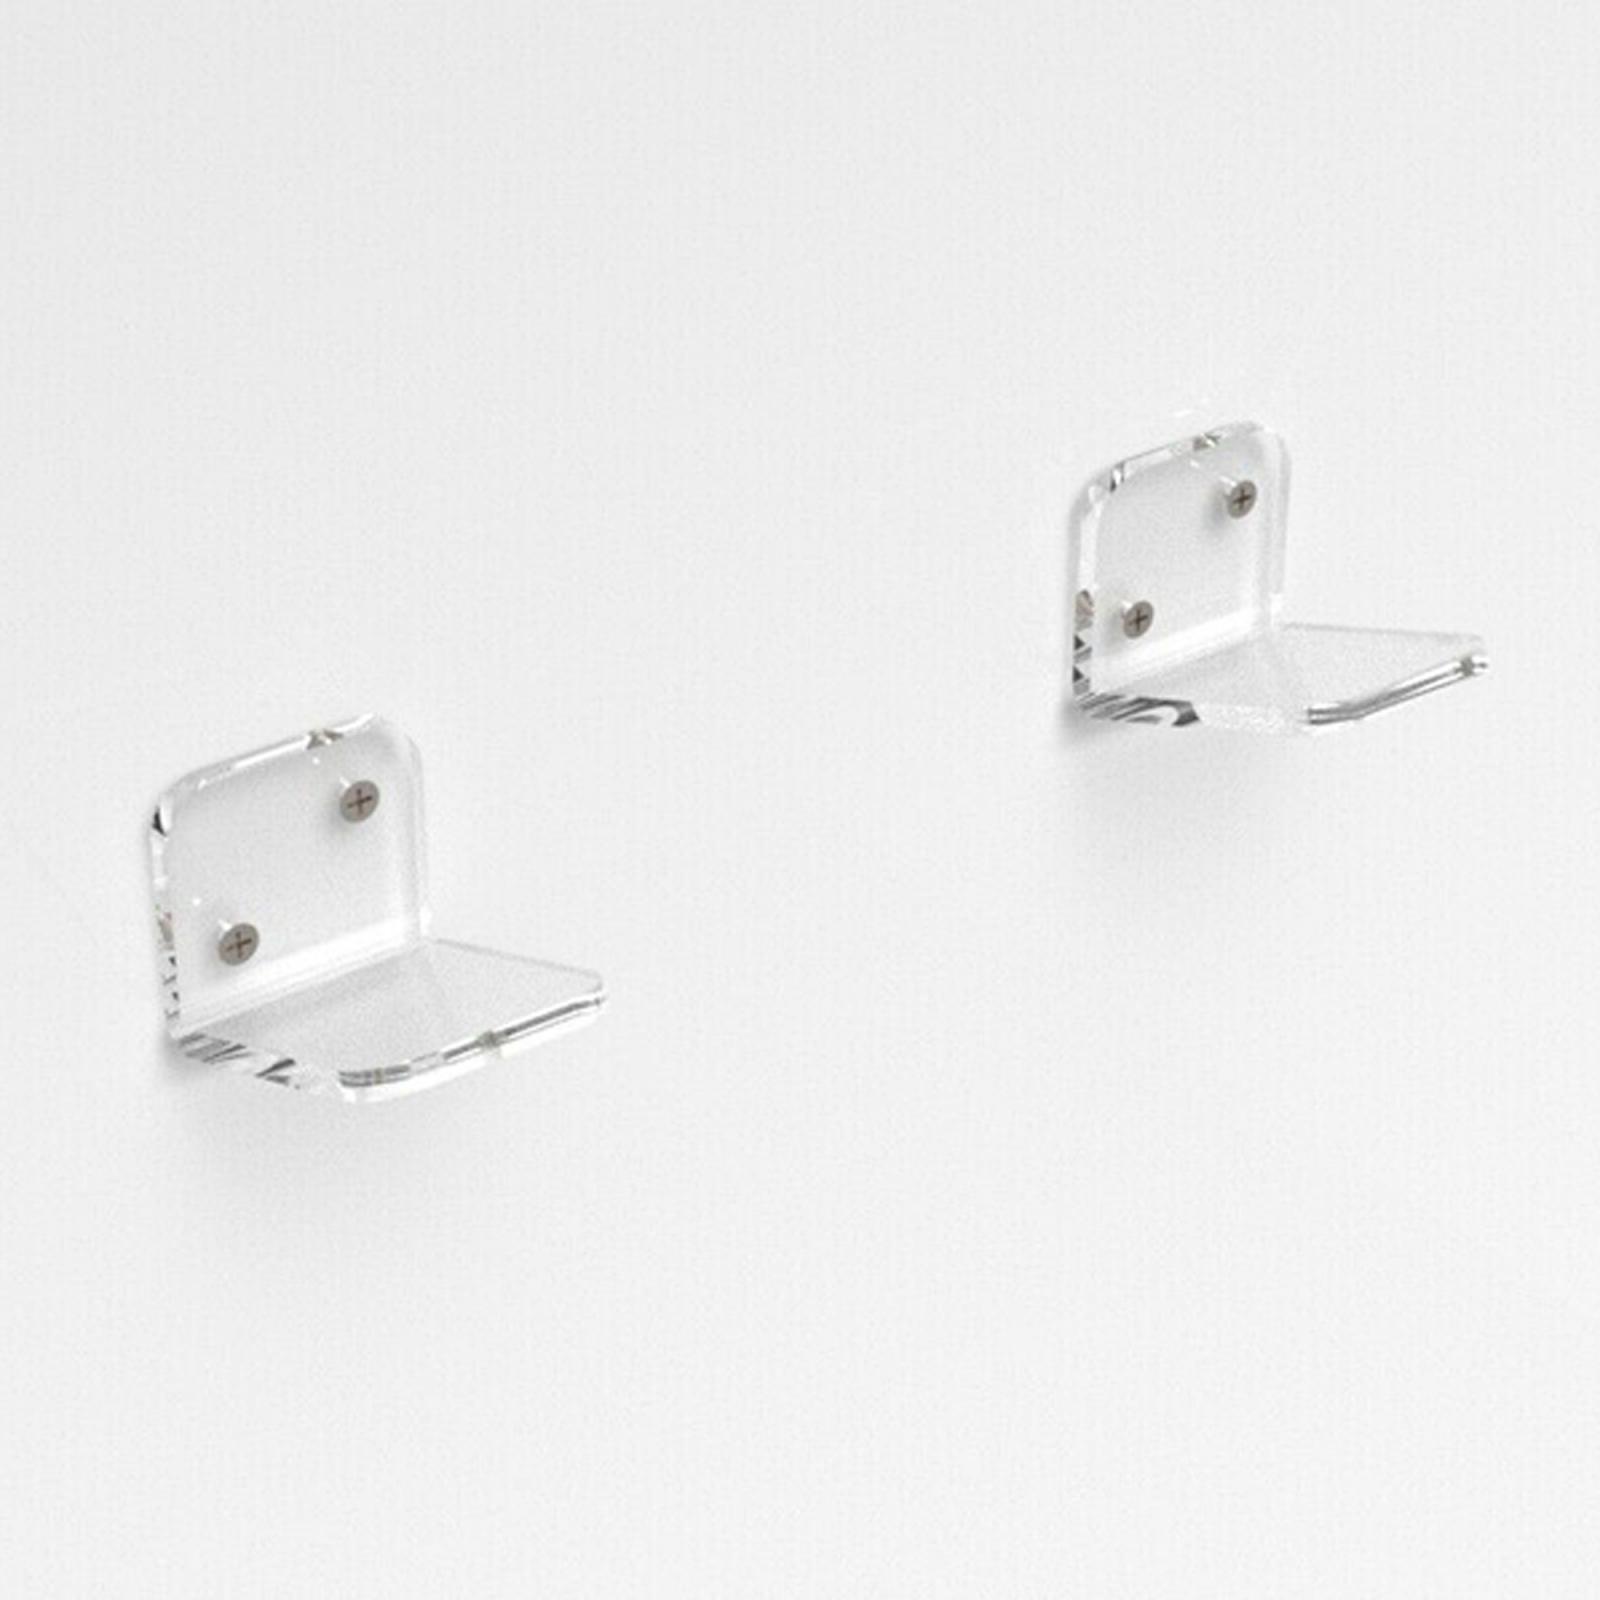 Espositore-appendiabiti-per-montaggio-a-parete-per-Skateboard-in-acrilico miniatura 13